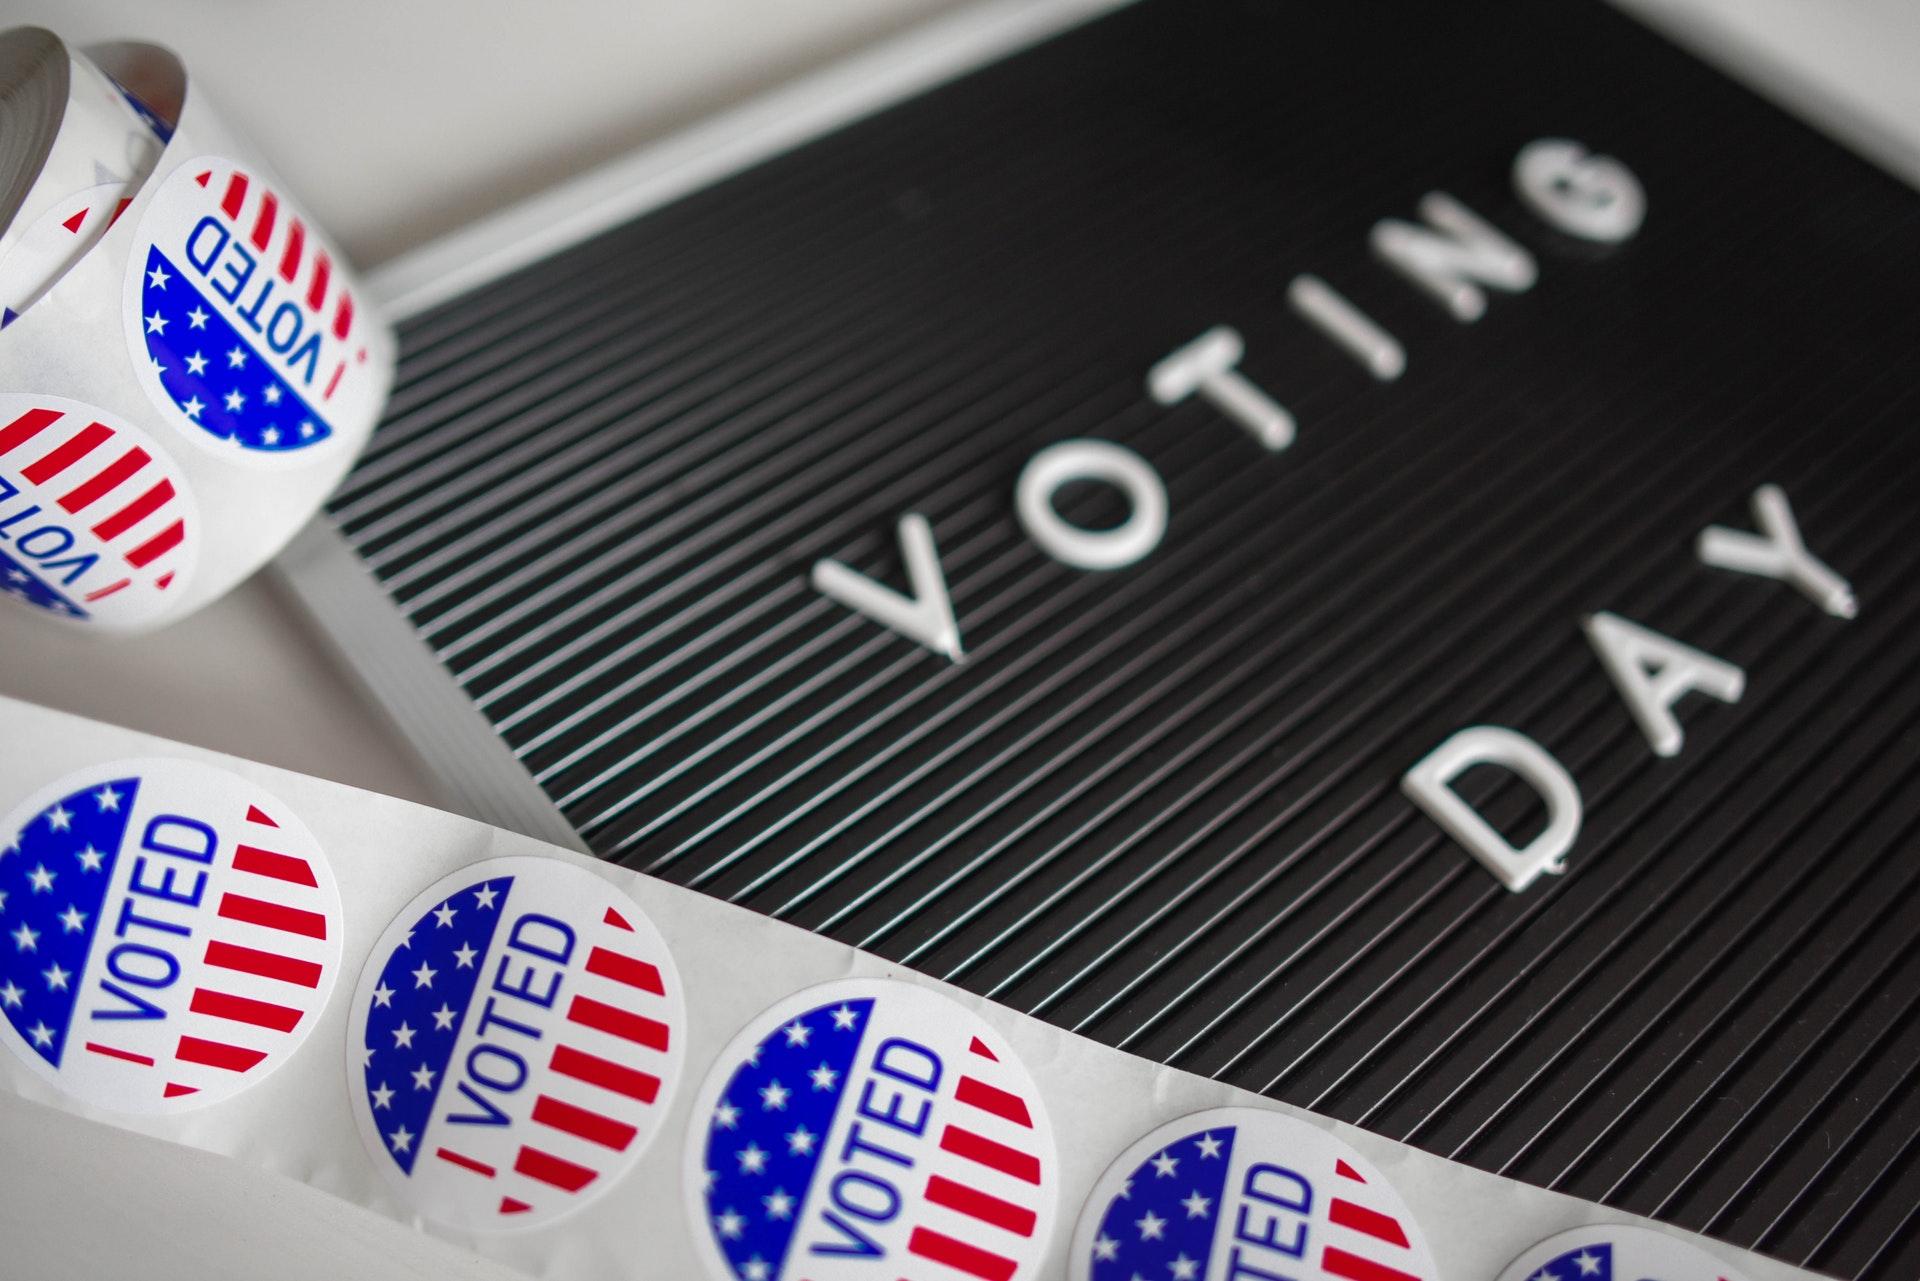 usa, valg, election, donald trump, stemme, election, amerika, demokraterne, republikanerne